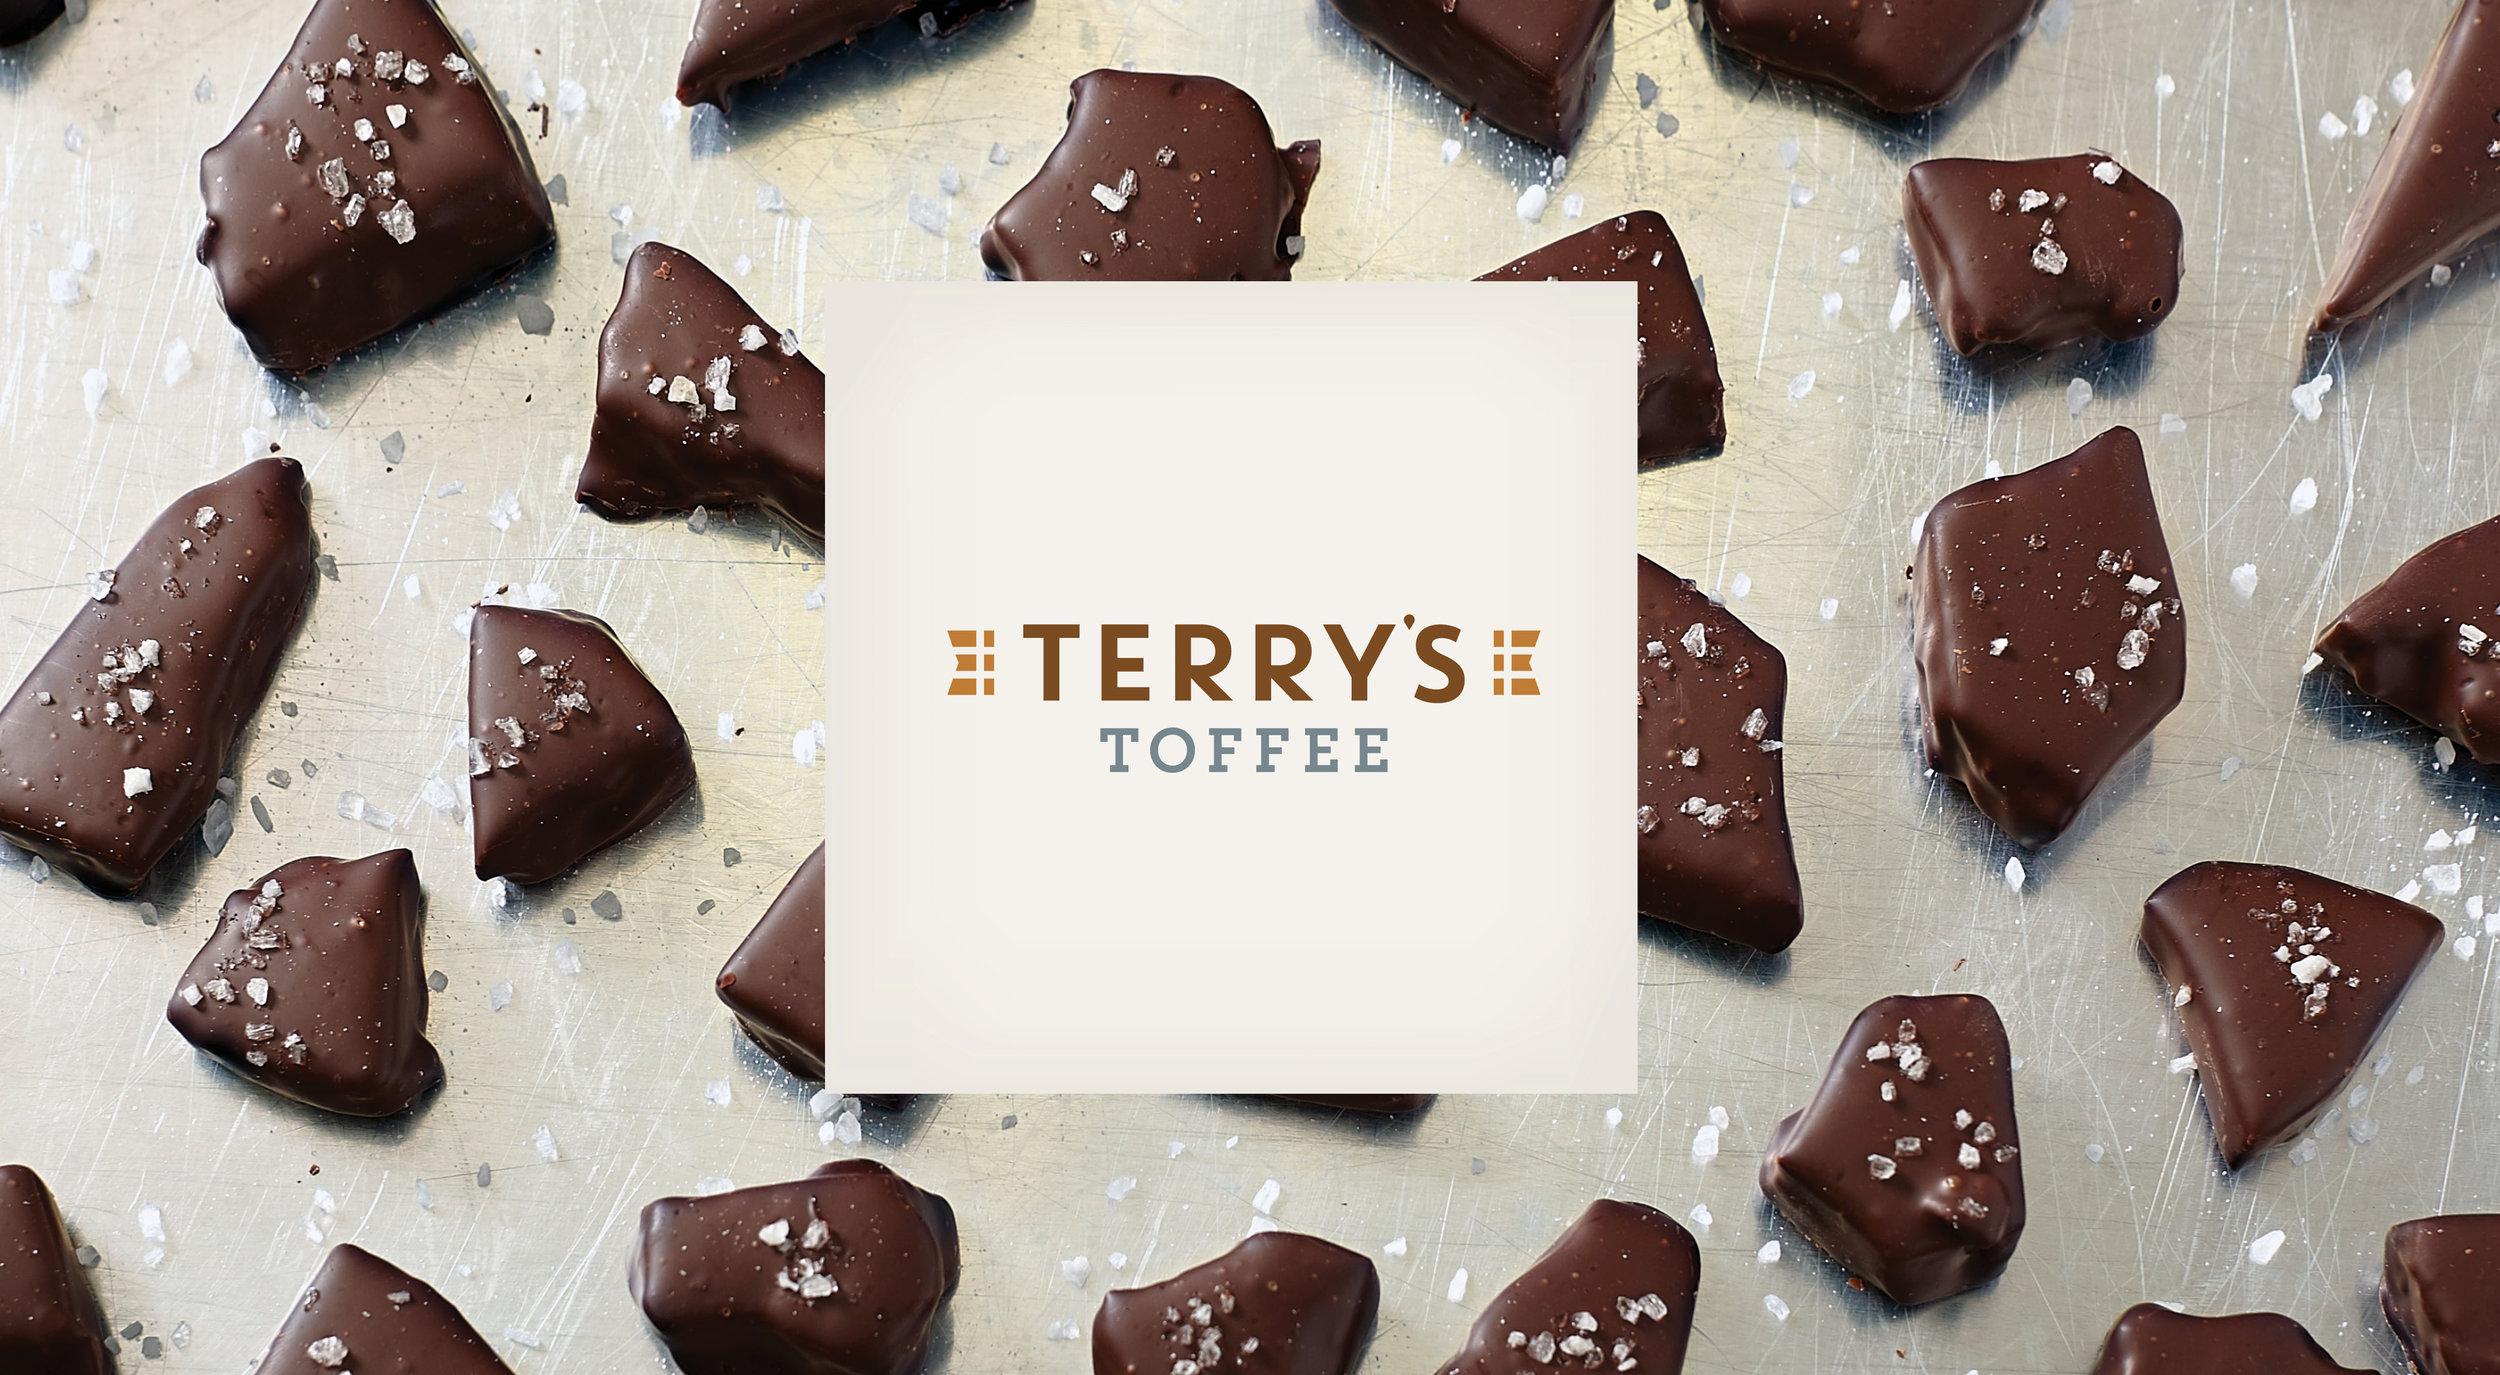 Terry'sToffee_Minnepolitan.jpg